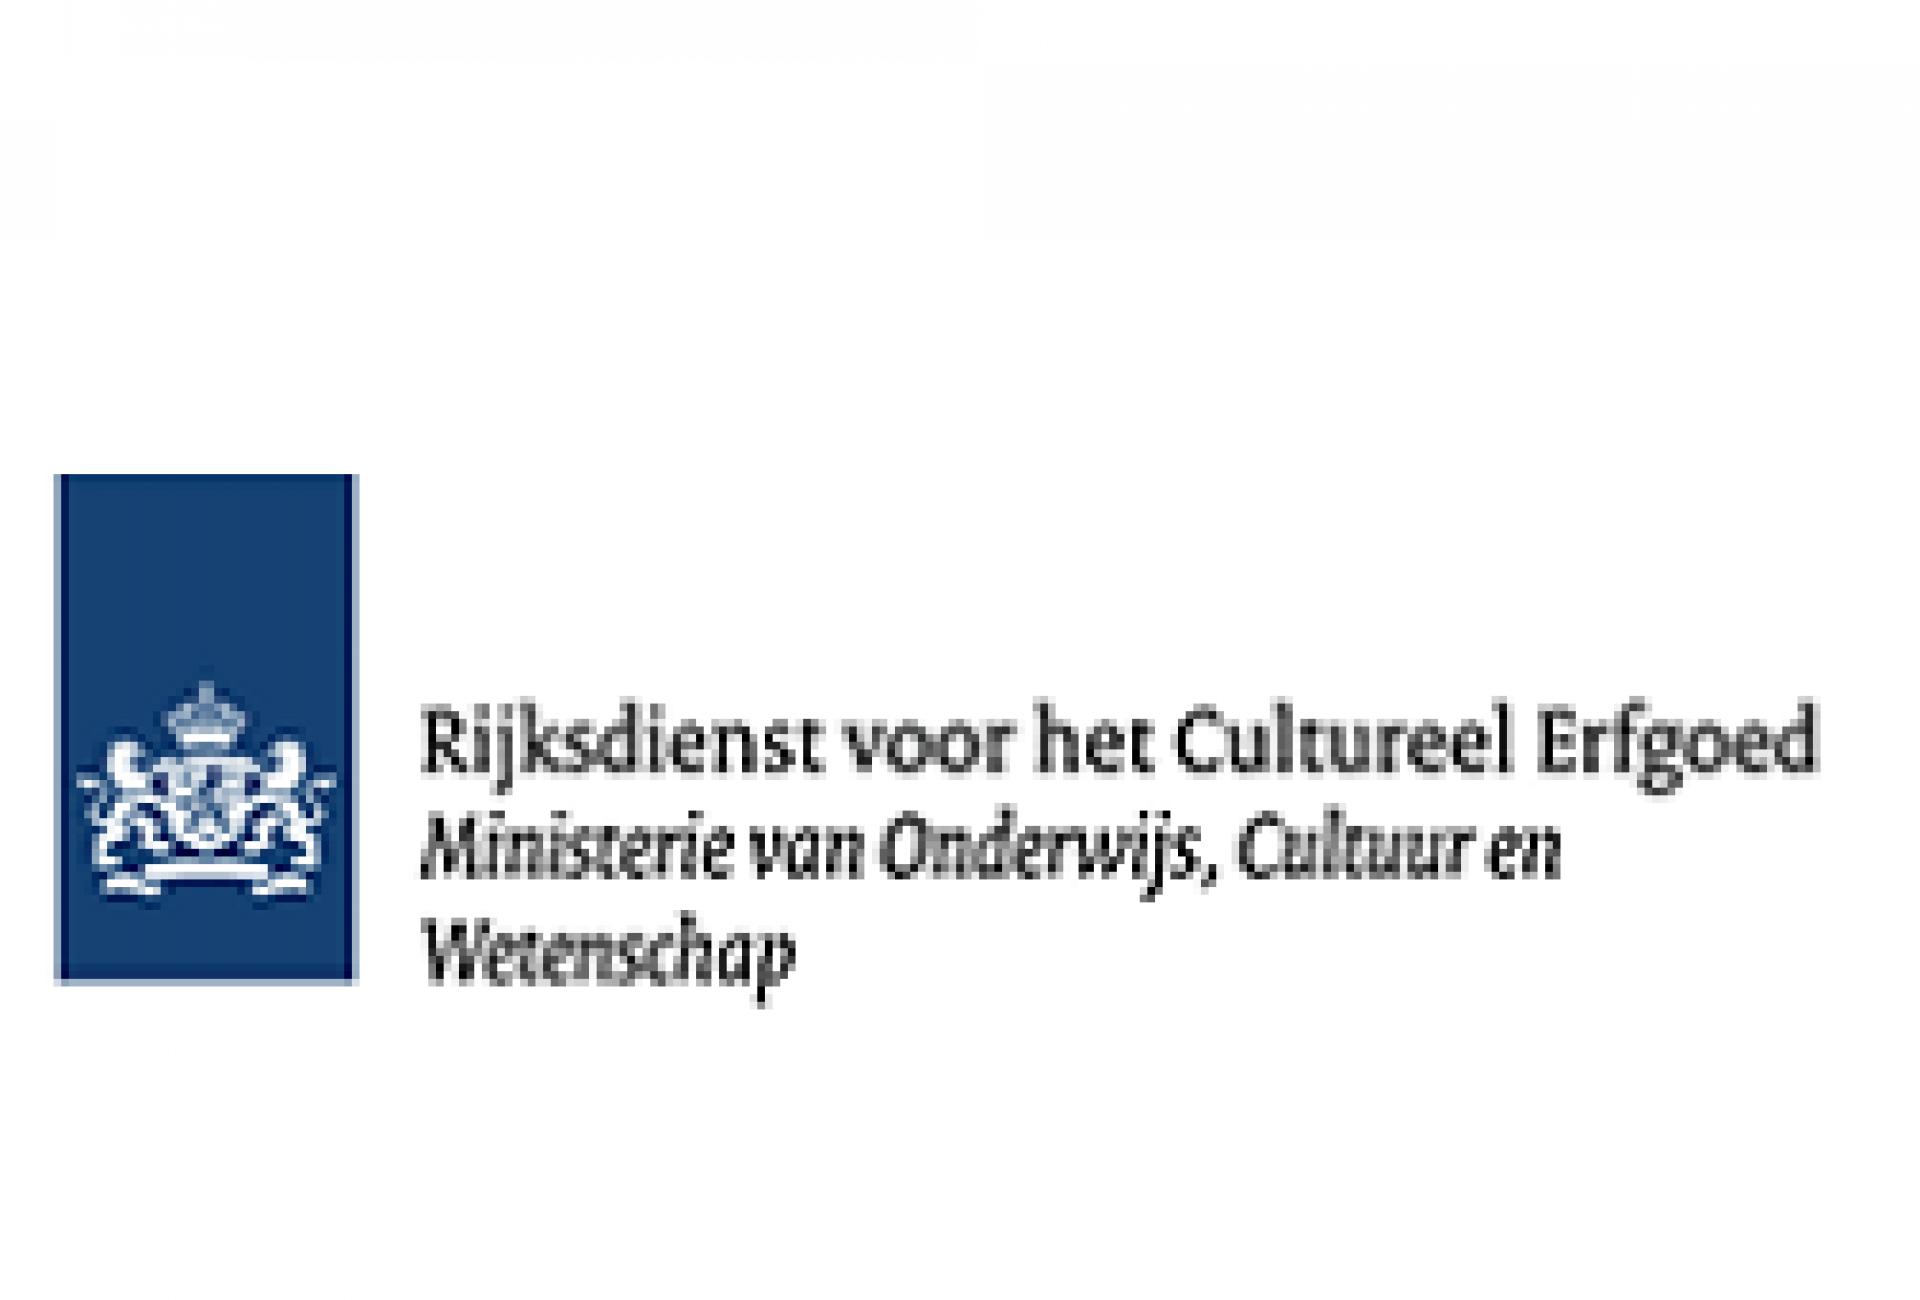 Logo Rijksdienst voor het Cultureel erfgoed